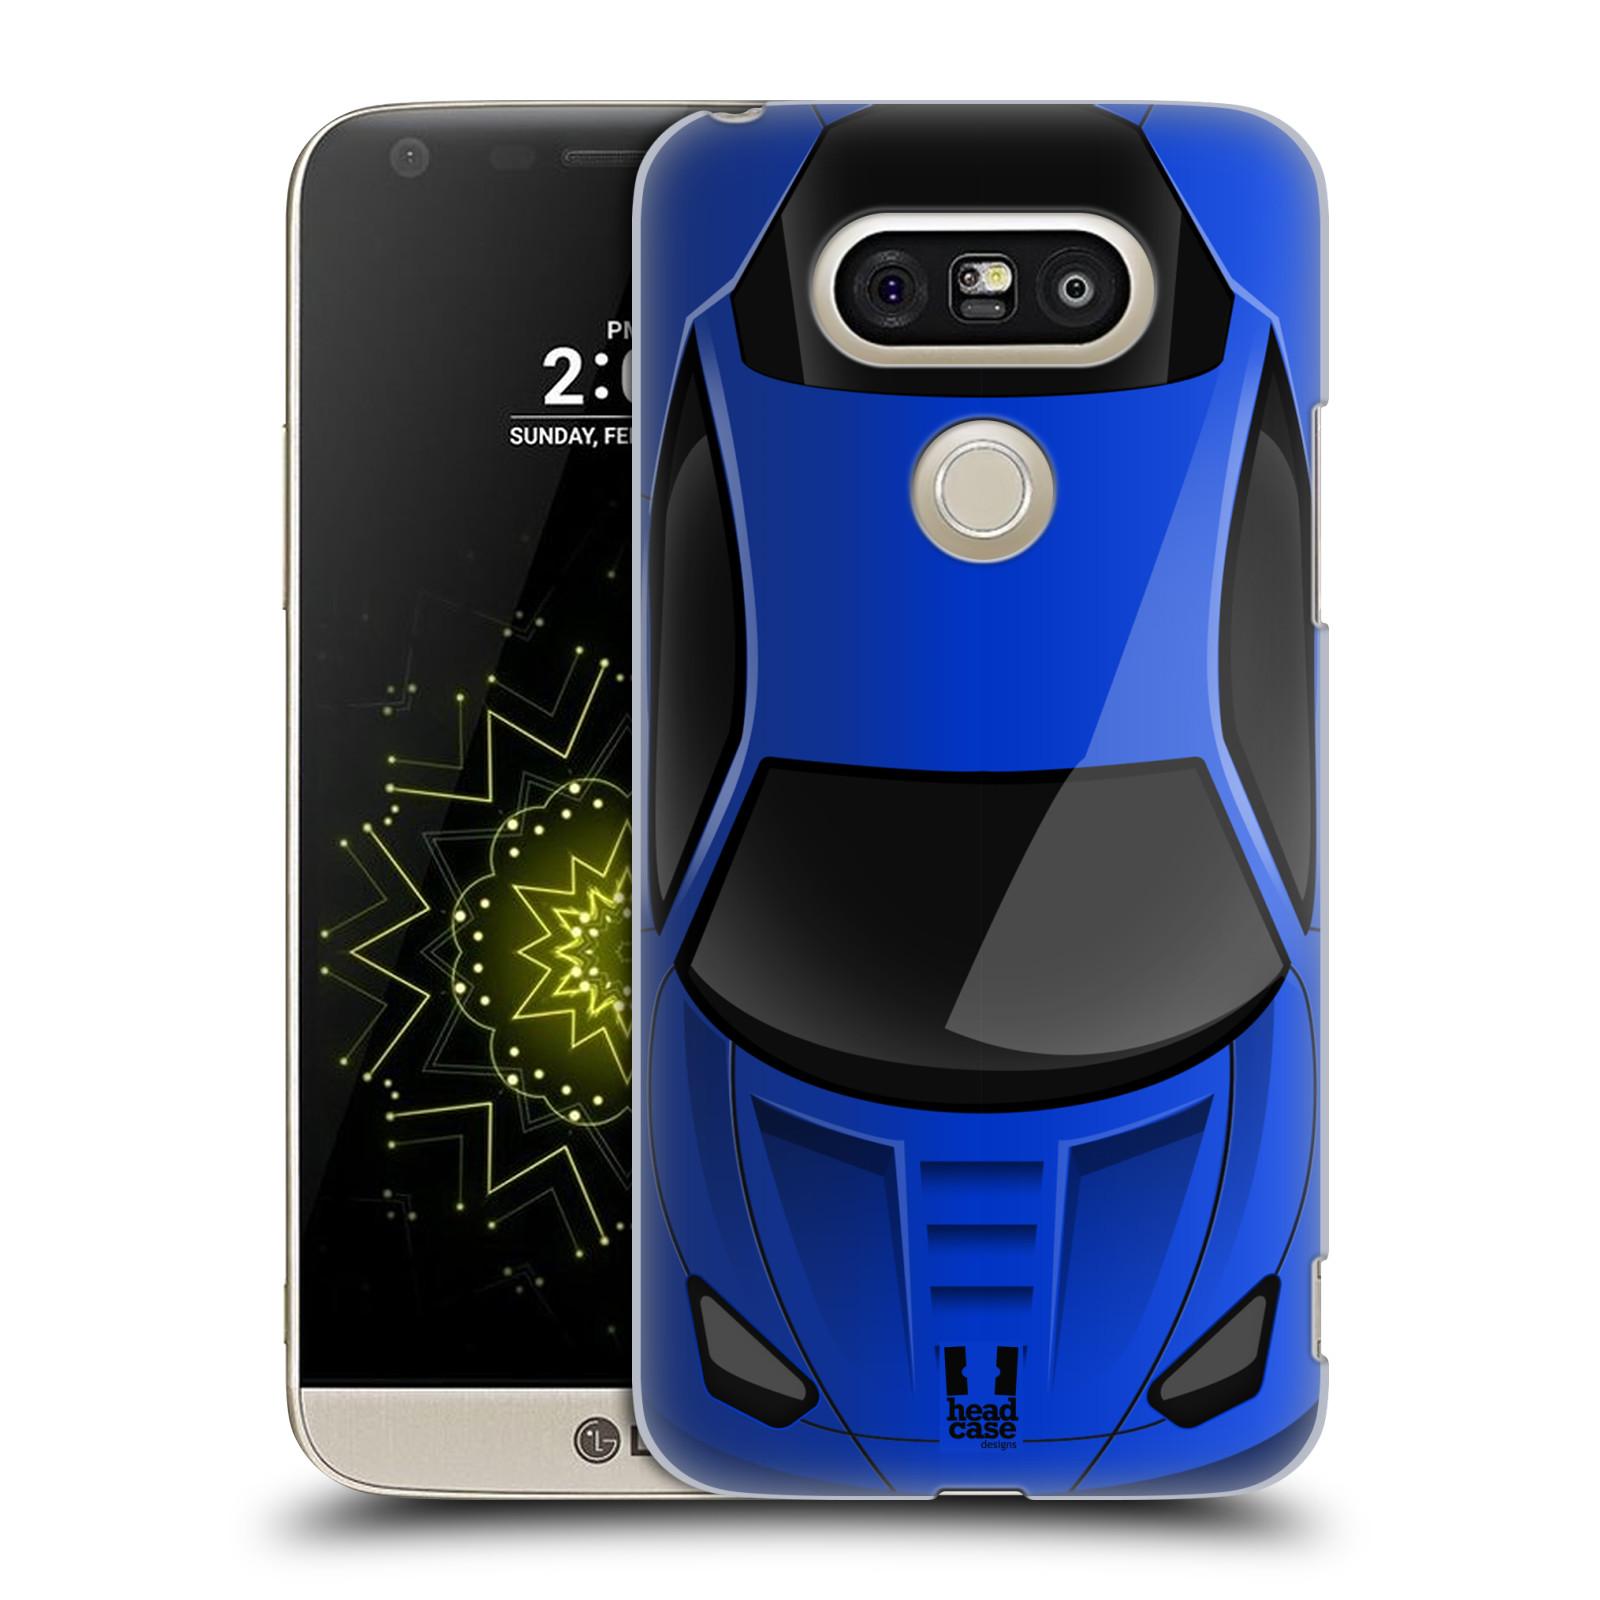 Plastové pouzdro na mobil LG G5 SE - Head Case - AUTO MODRÉ (Plastový kryt či obal na mobilní telefon LG G5 SE H840 s motivem AUTO MODRÉ)